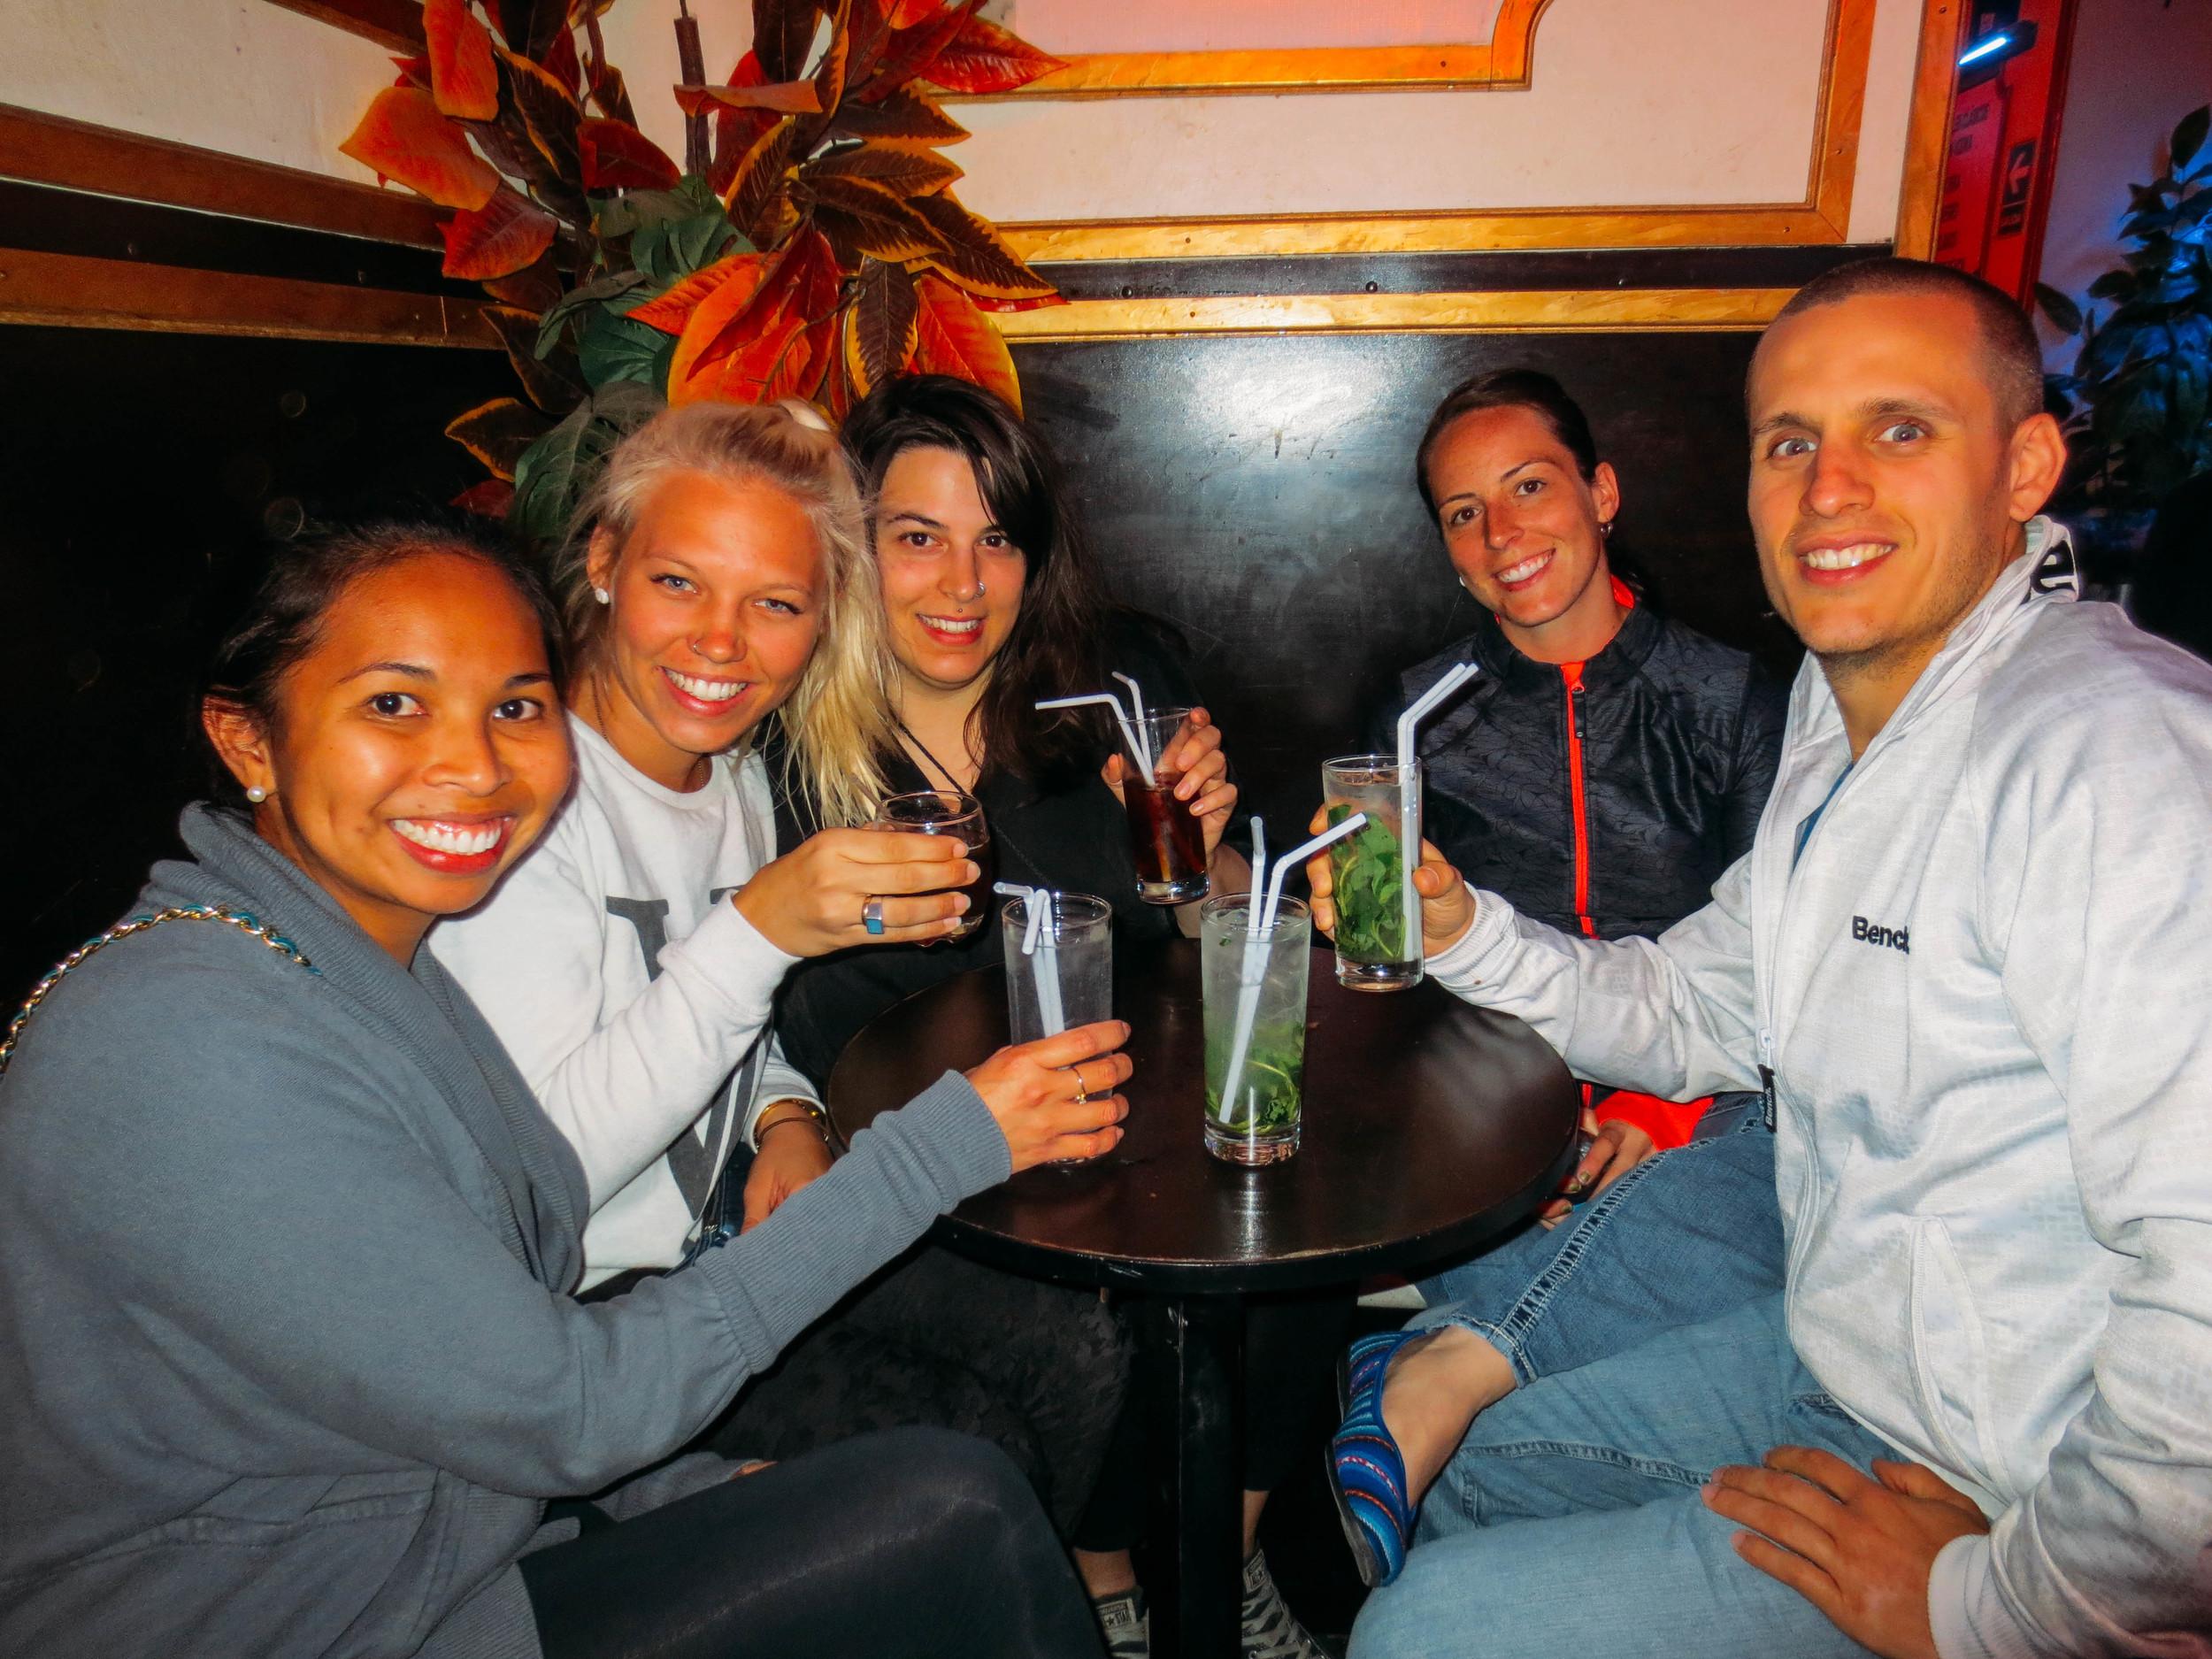 Group shot at the first bar